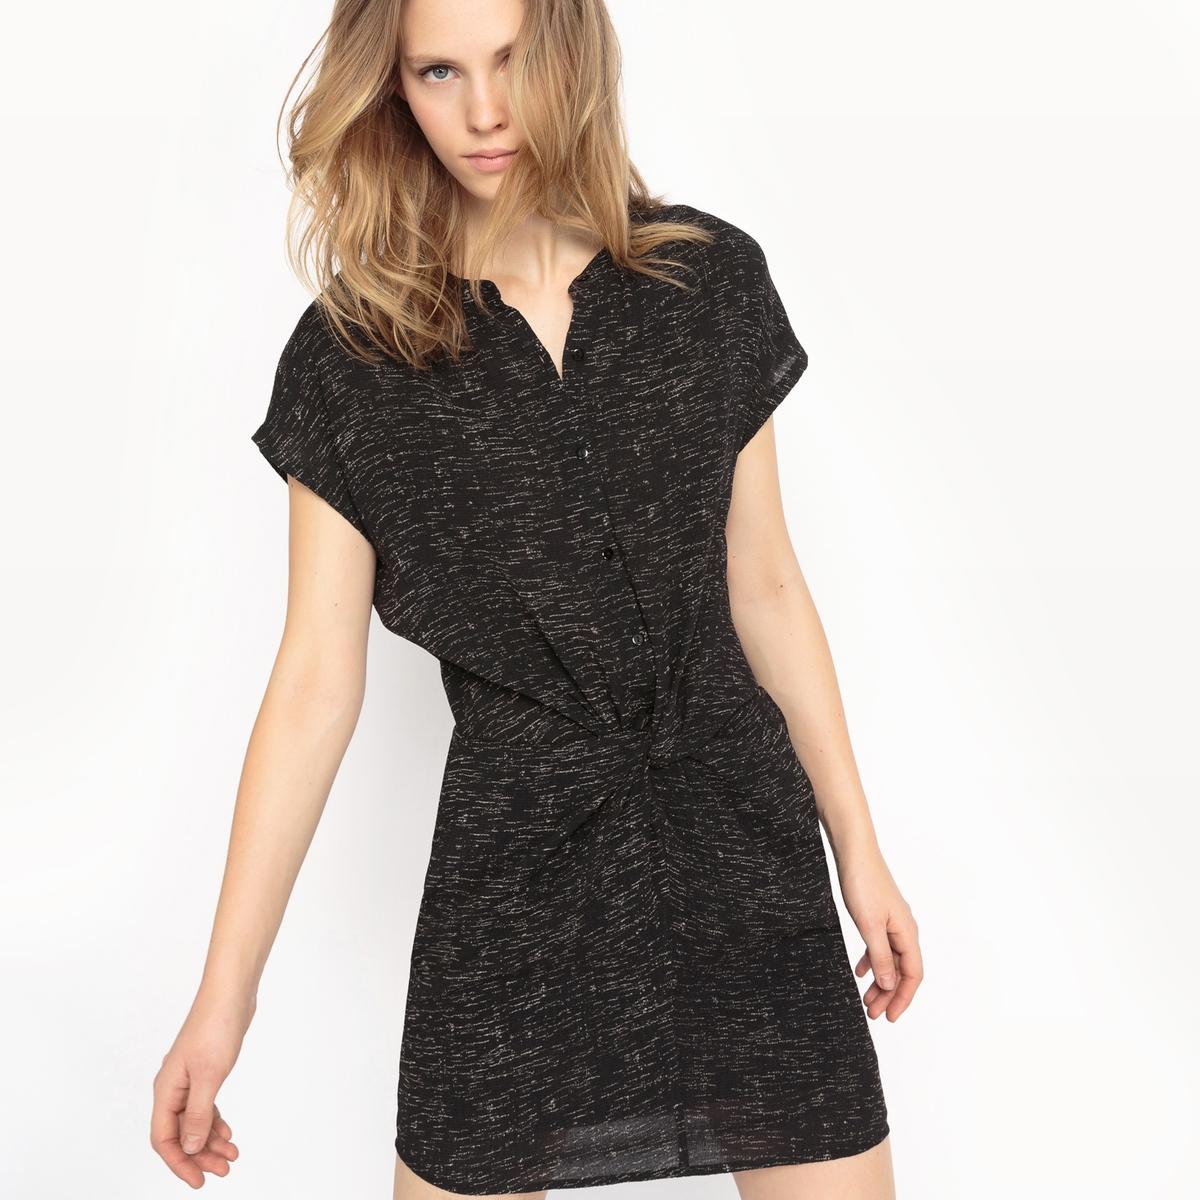 Платье с короткими рукавами и завязками спередиДетали  •  Форма : мини •  Укороченная модель •  Короткие рукава    •  Круглый вырез с разрезомСостав и уход  •  75% хлопка, 5% эластана, 20% полиамида •  Следуйте рекомендациям по уходу, указанным на этикетке изделия<br><br>Цвет: черный меланж